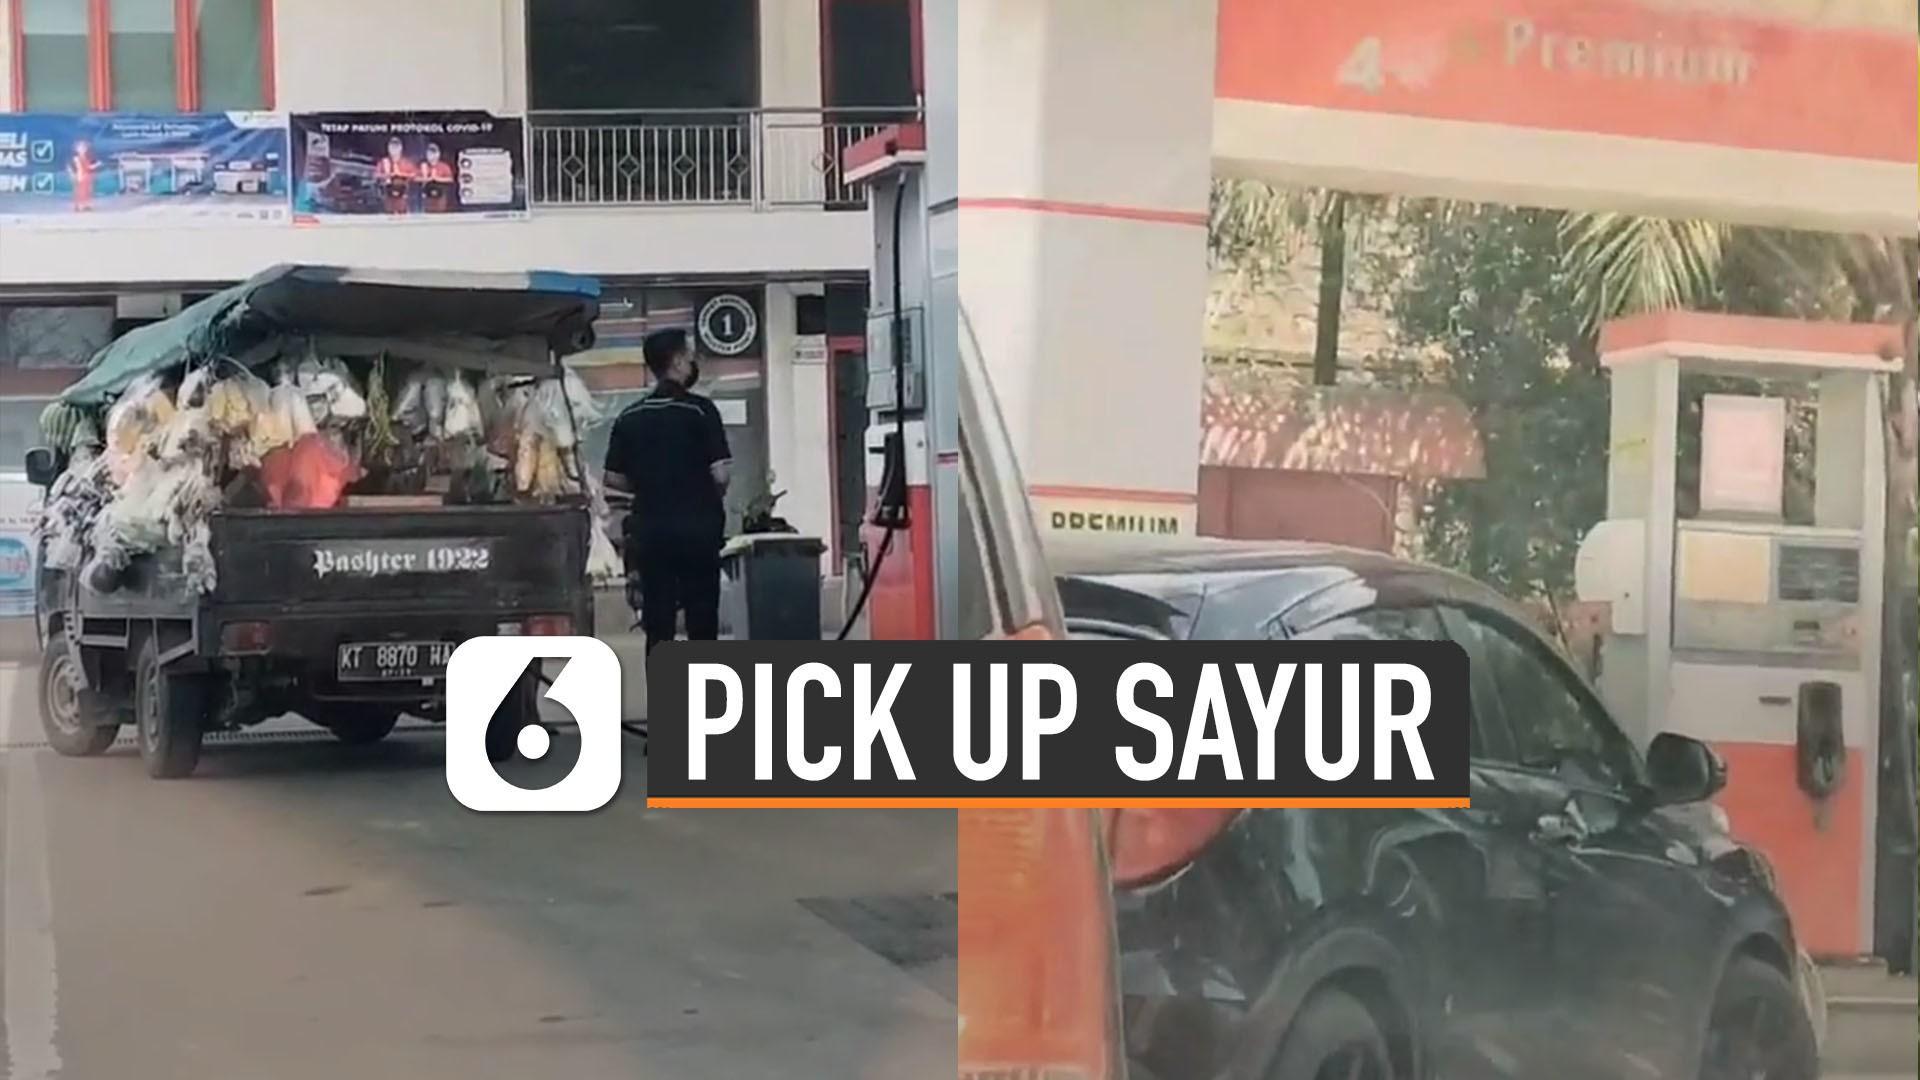 Kocak Pick Up Sayur Isi Pertamax Mobil Mewah Justru Antri Premium Liputan6 Com Vidio